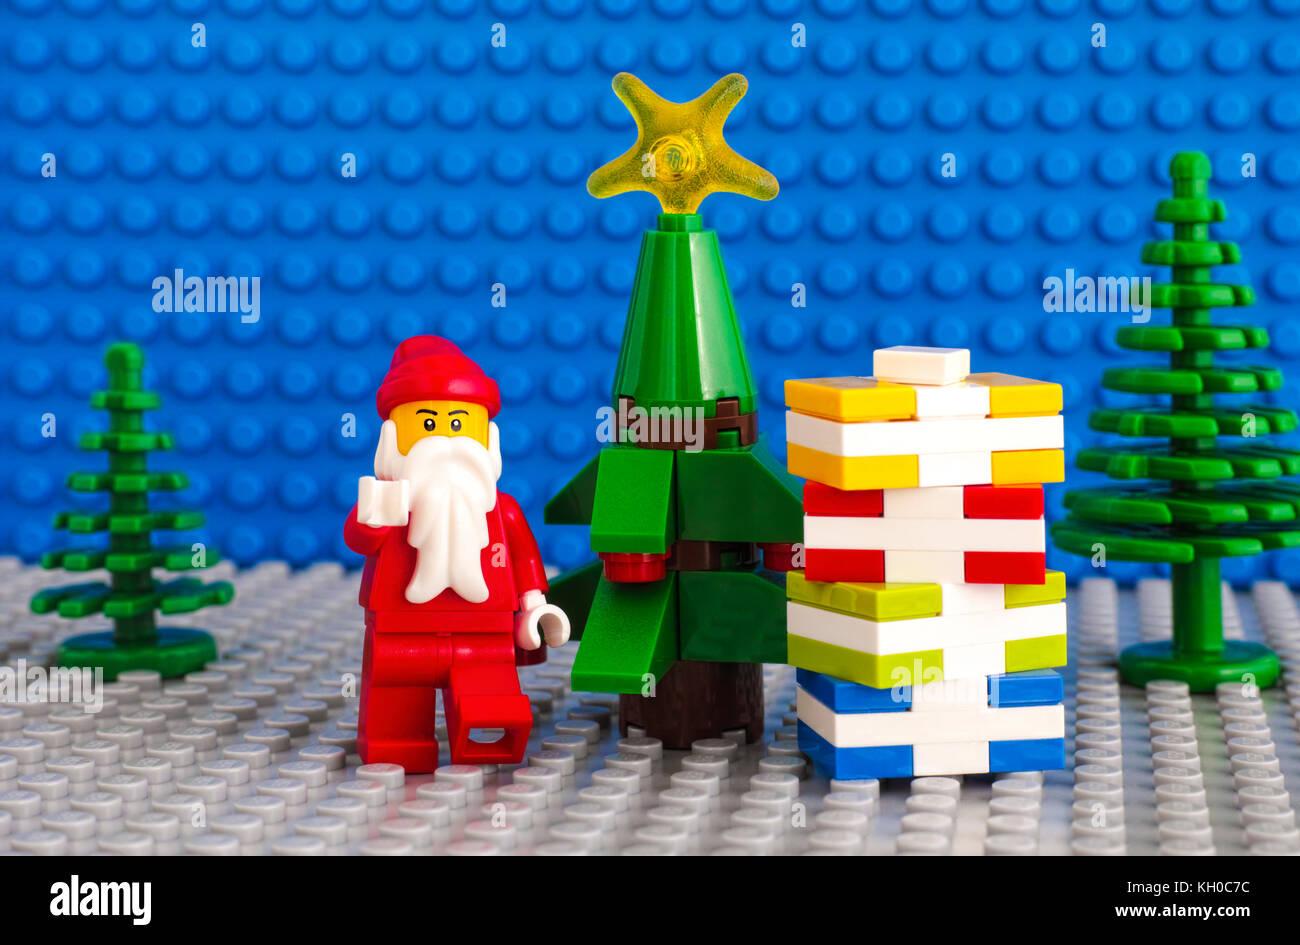 Tambov Russian Federation November 06 2017 Lego Santa Claus And